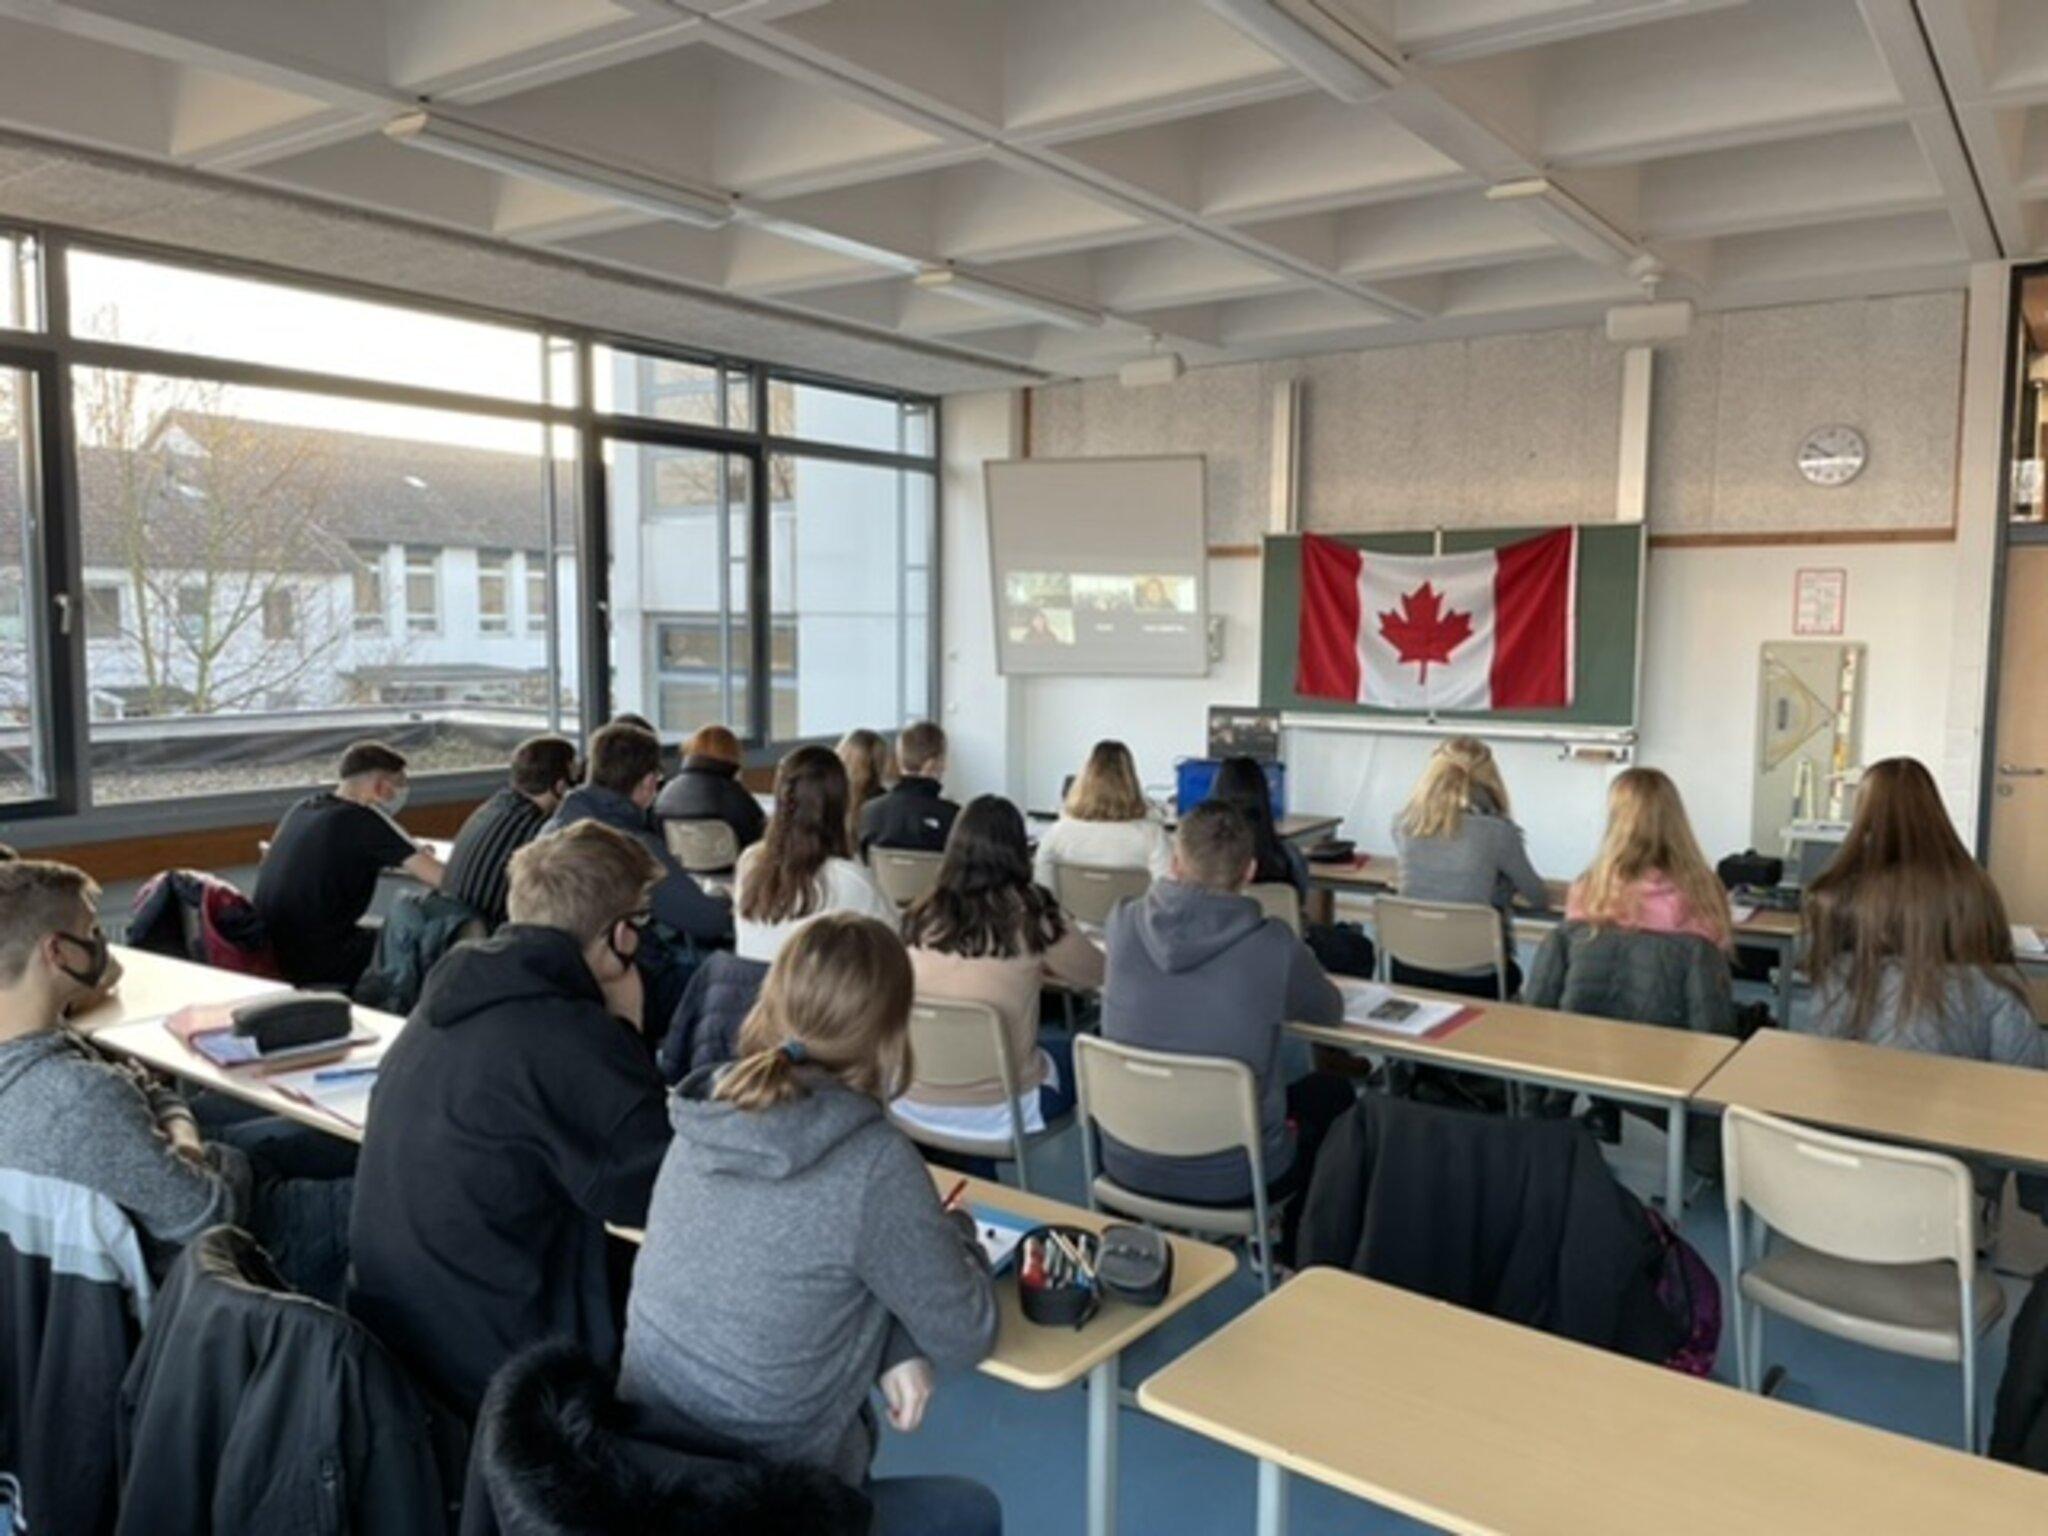 Digitaler Unterricht am Marie-Curie-Gymnasium Bönen: Videokonferenz mit Kanada